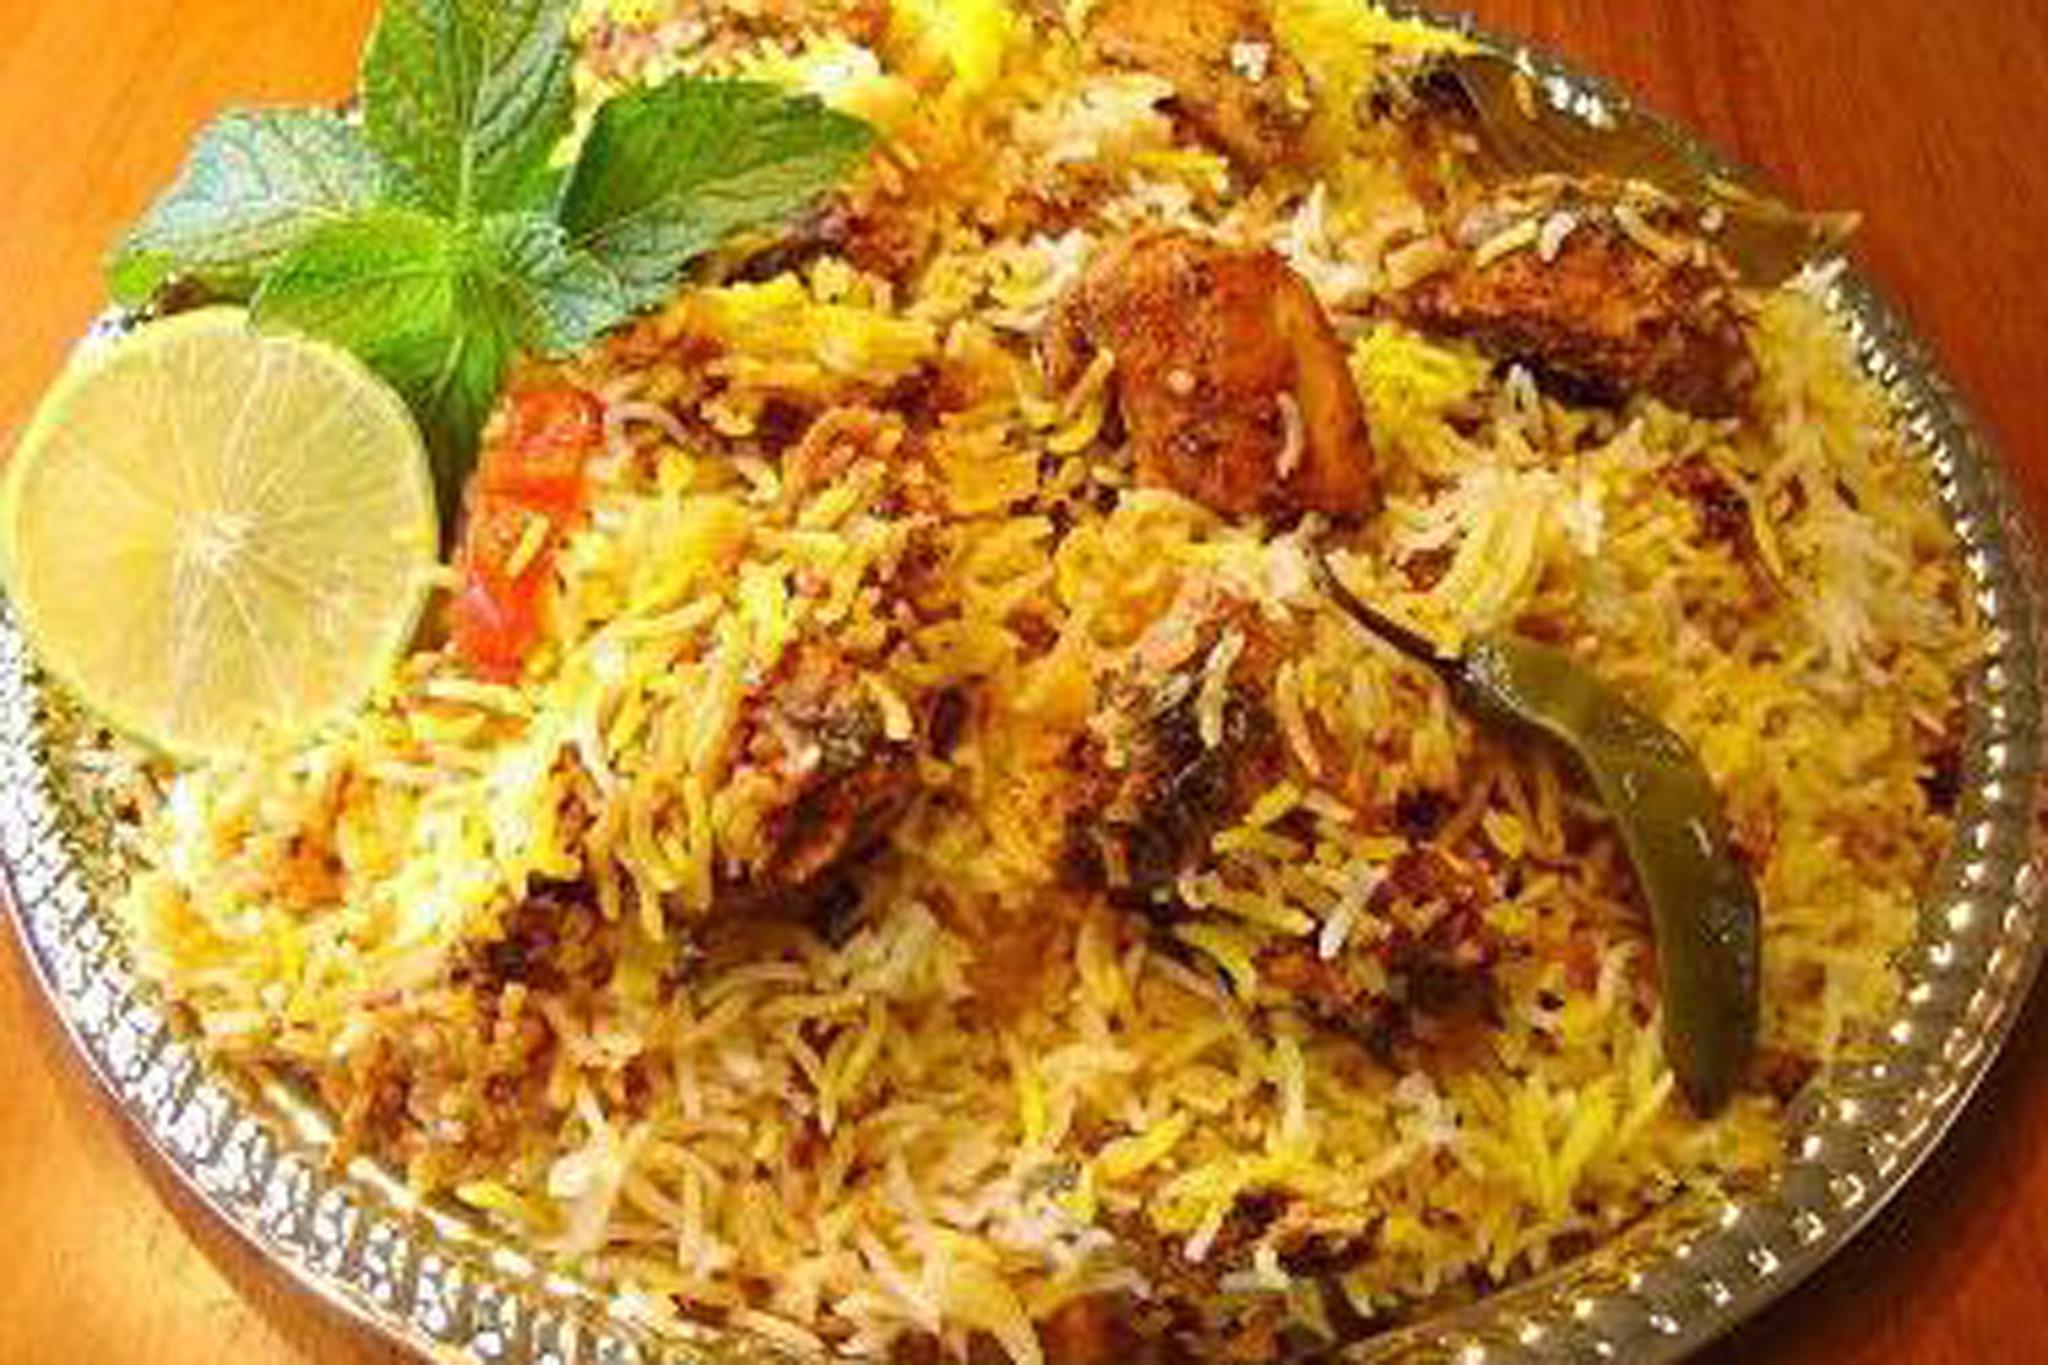 Rawal Ravail Restaurant